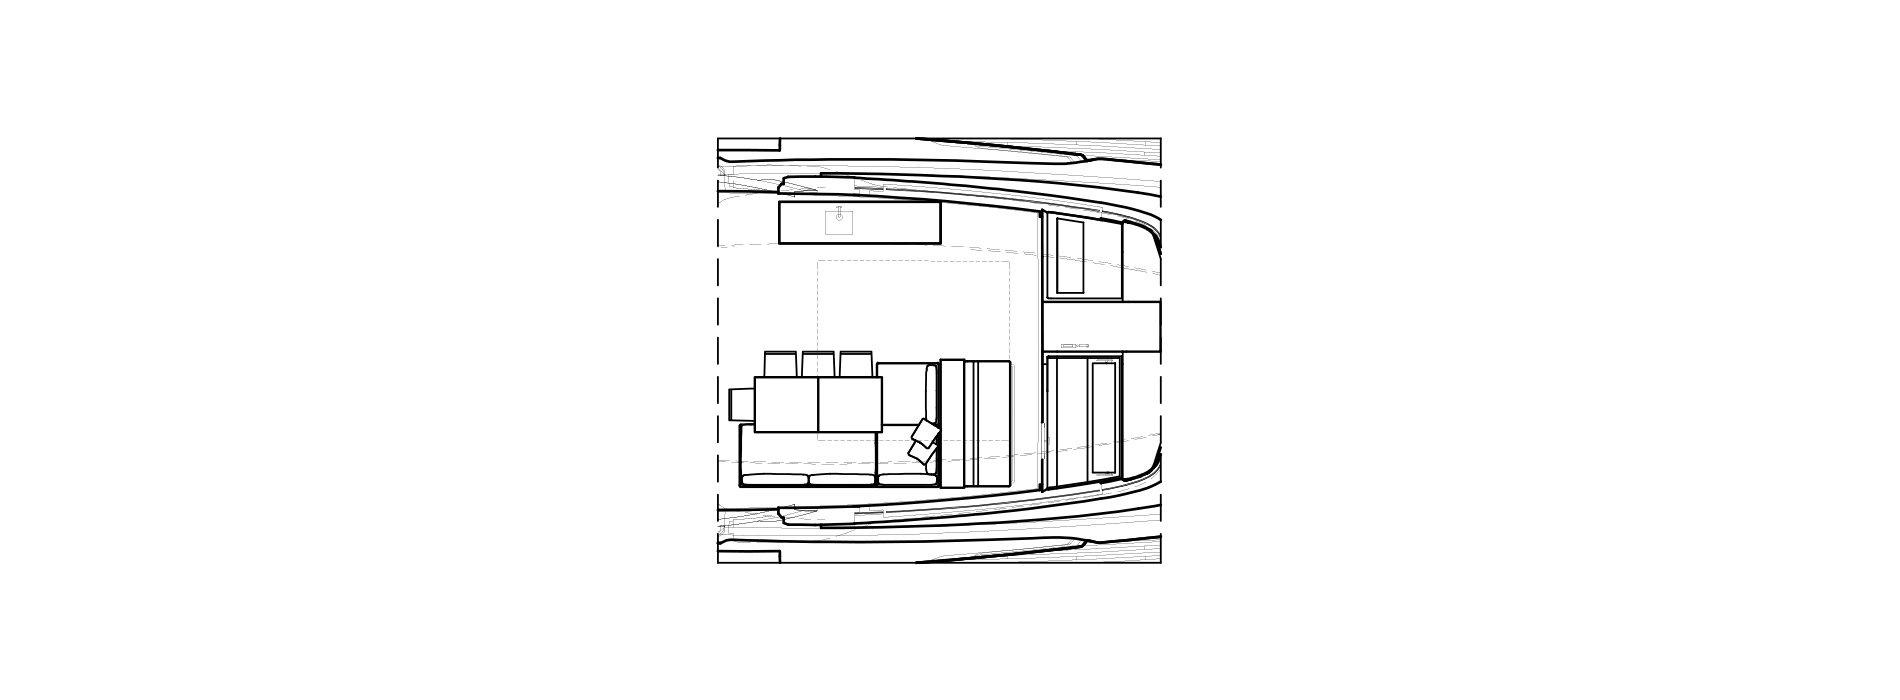 Sanlorenzo Yachts SX88 Détails Versione USA